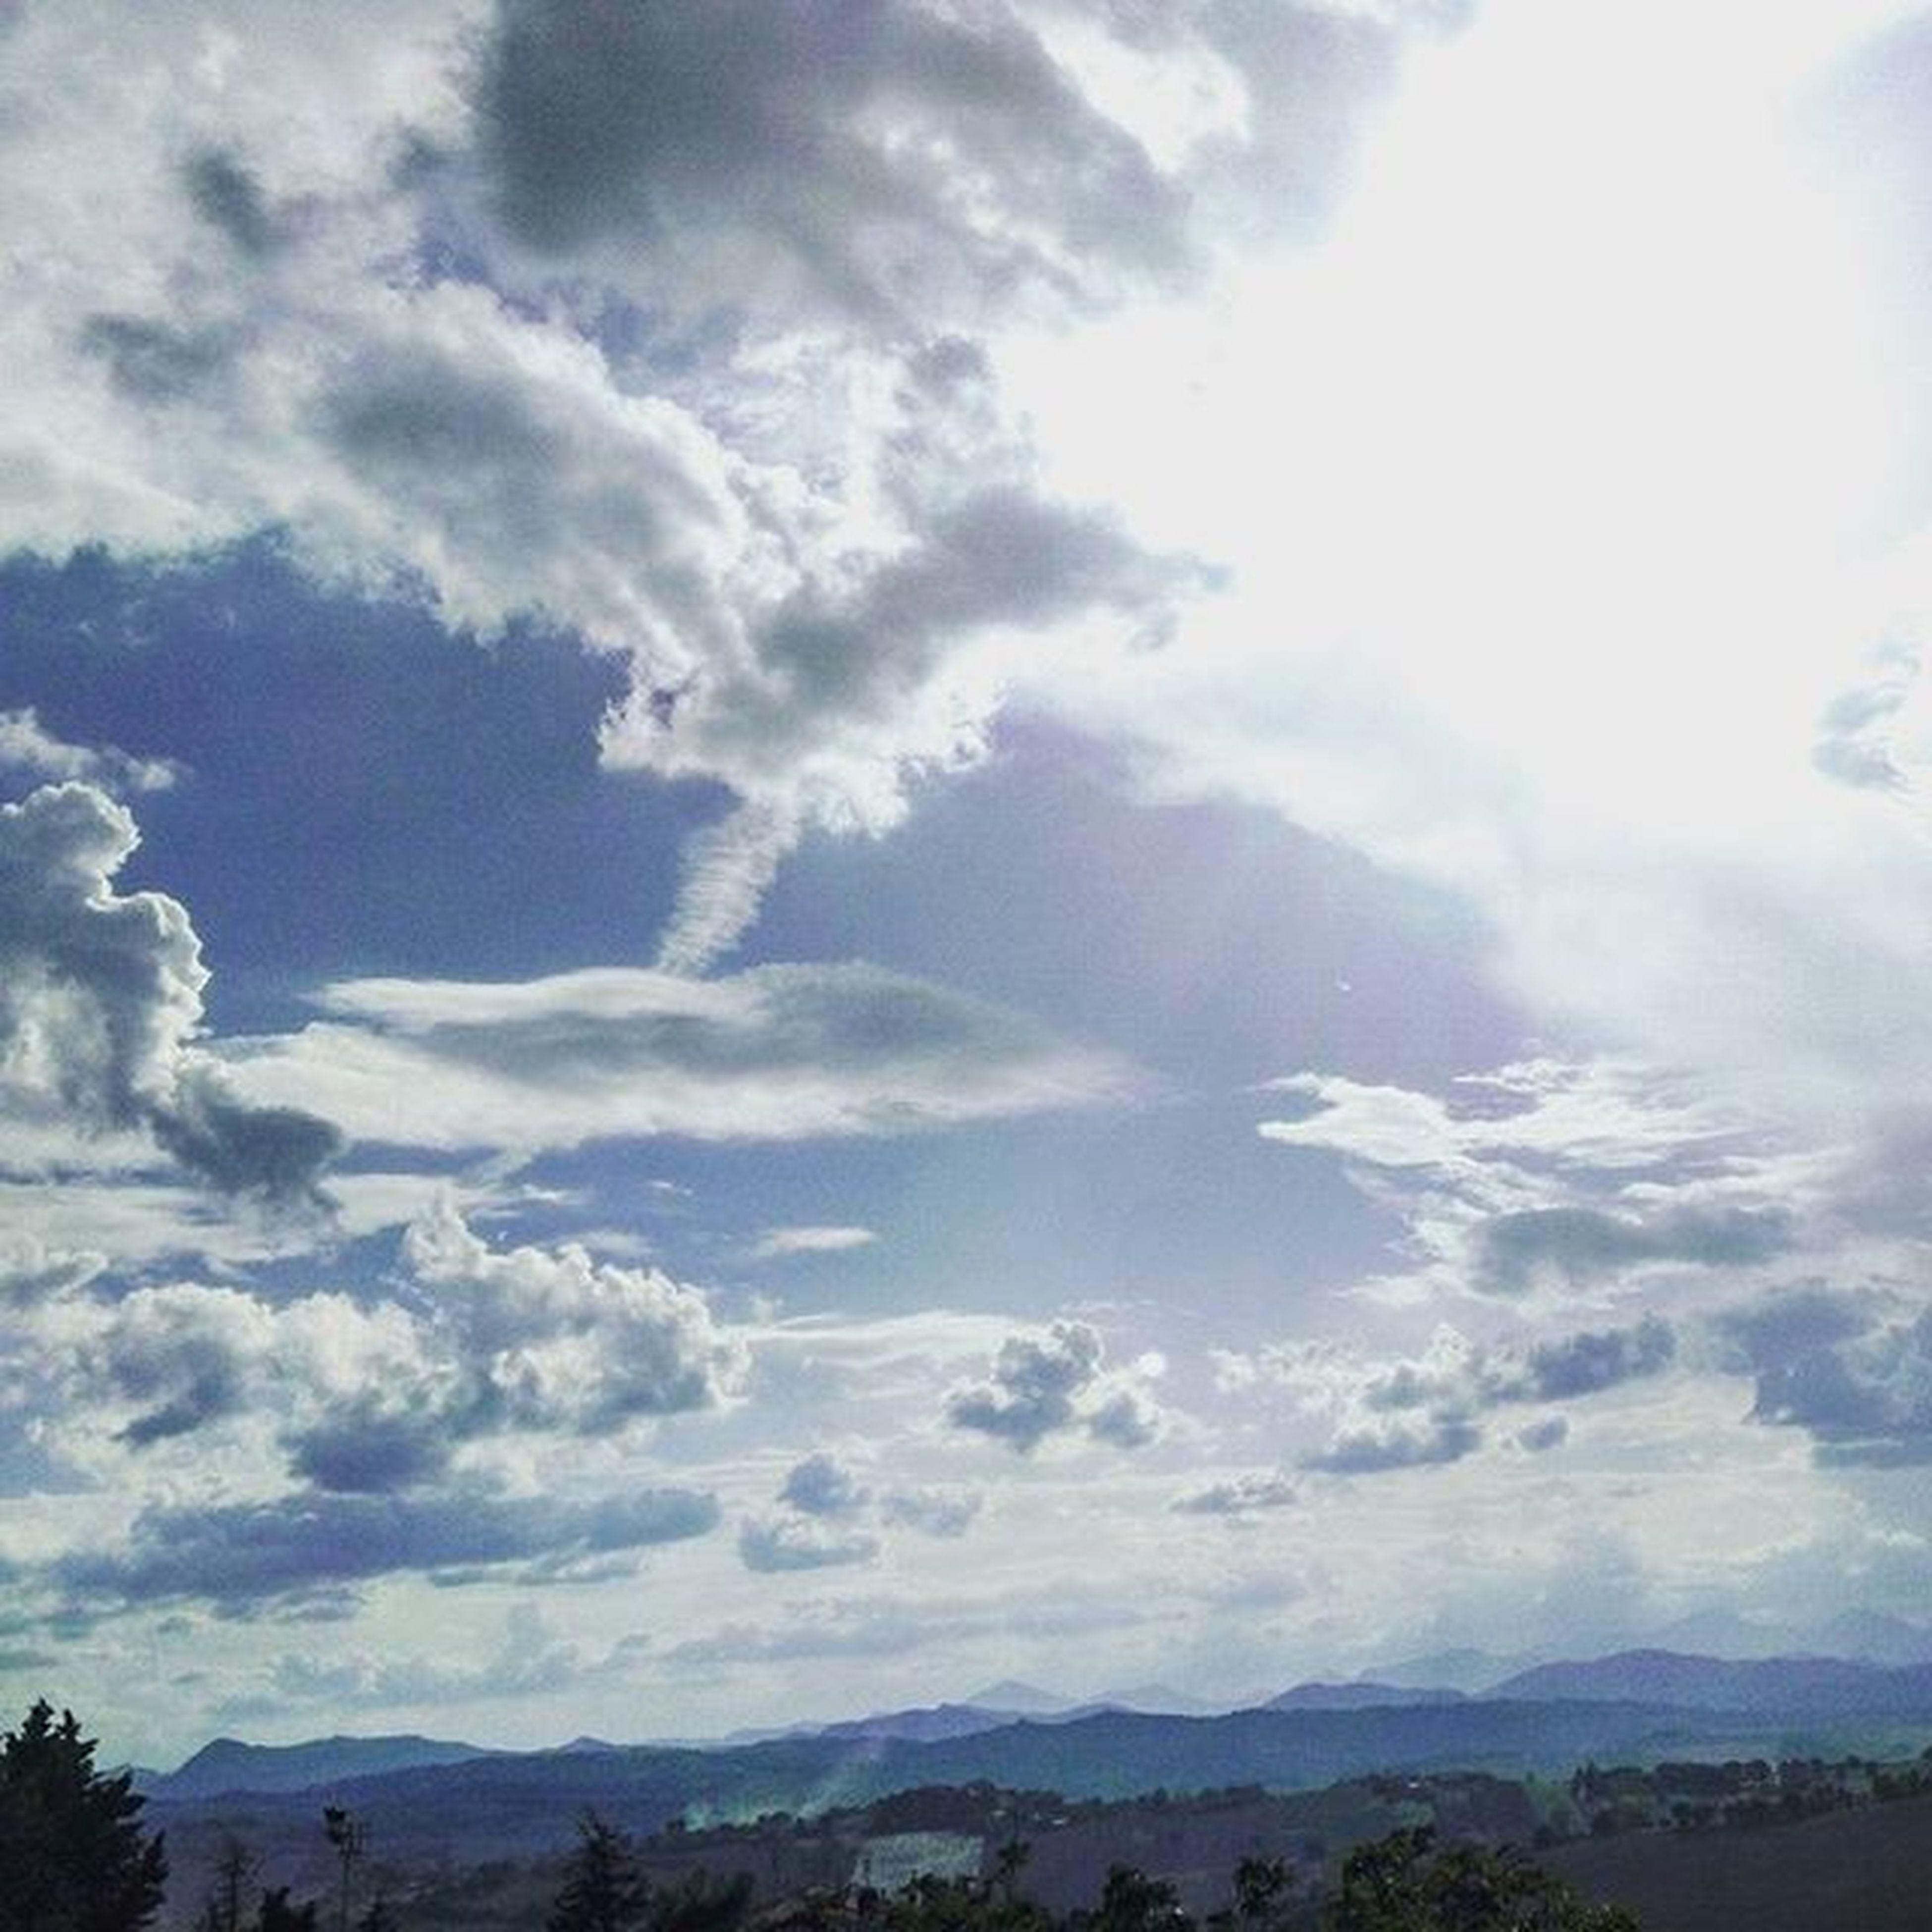 luce Luce Light Sunlight Sun Sunshine Clouds Cloudscape Cloudslovers Sky SkyClouds Skylovers Bluesky Whitelight Biancoeblu Nature Naturelovers Natura Likeforlike Marche Italia Italy Igersmarche Igersitalia Igeurope Lategram landscape